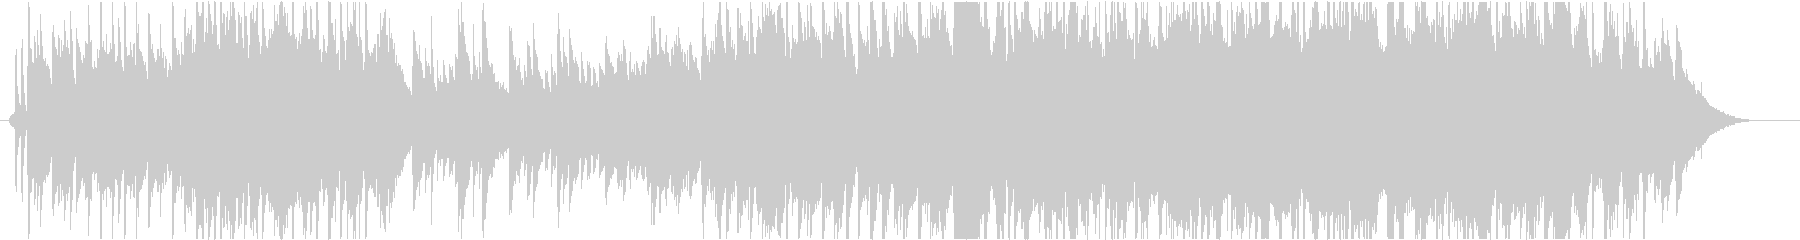 ピアノ主体のエンディング映像向きバラードの未再生の波形